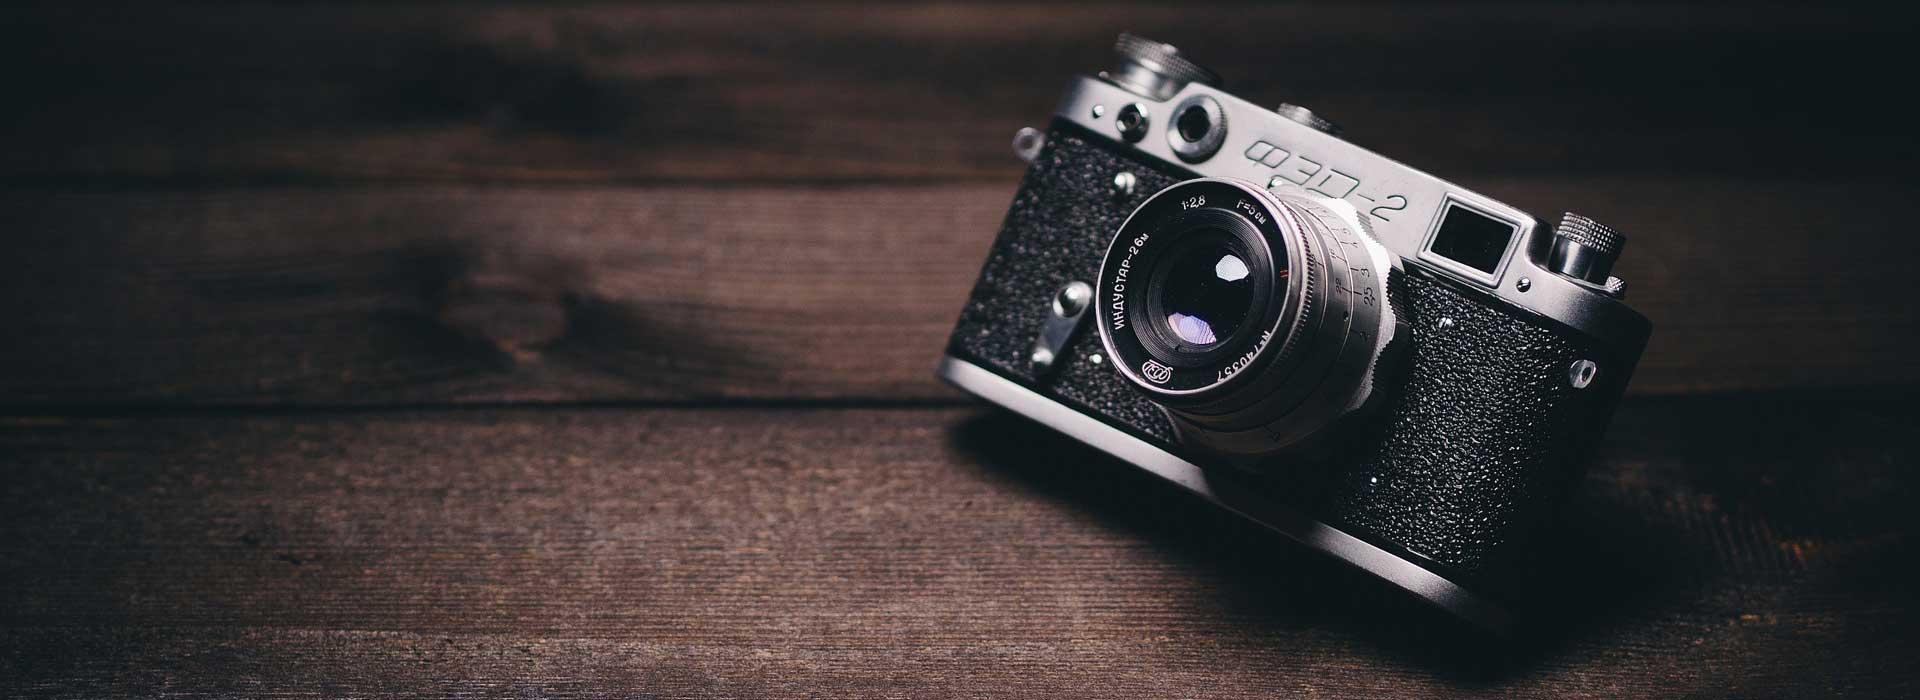 Kameraguide - vilken kamera ska jag köpa?